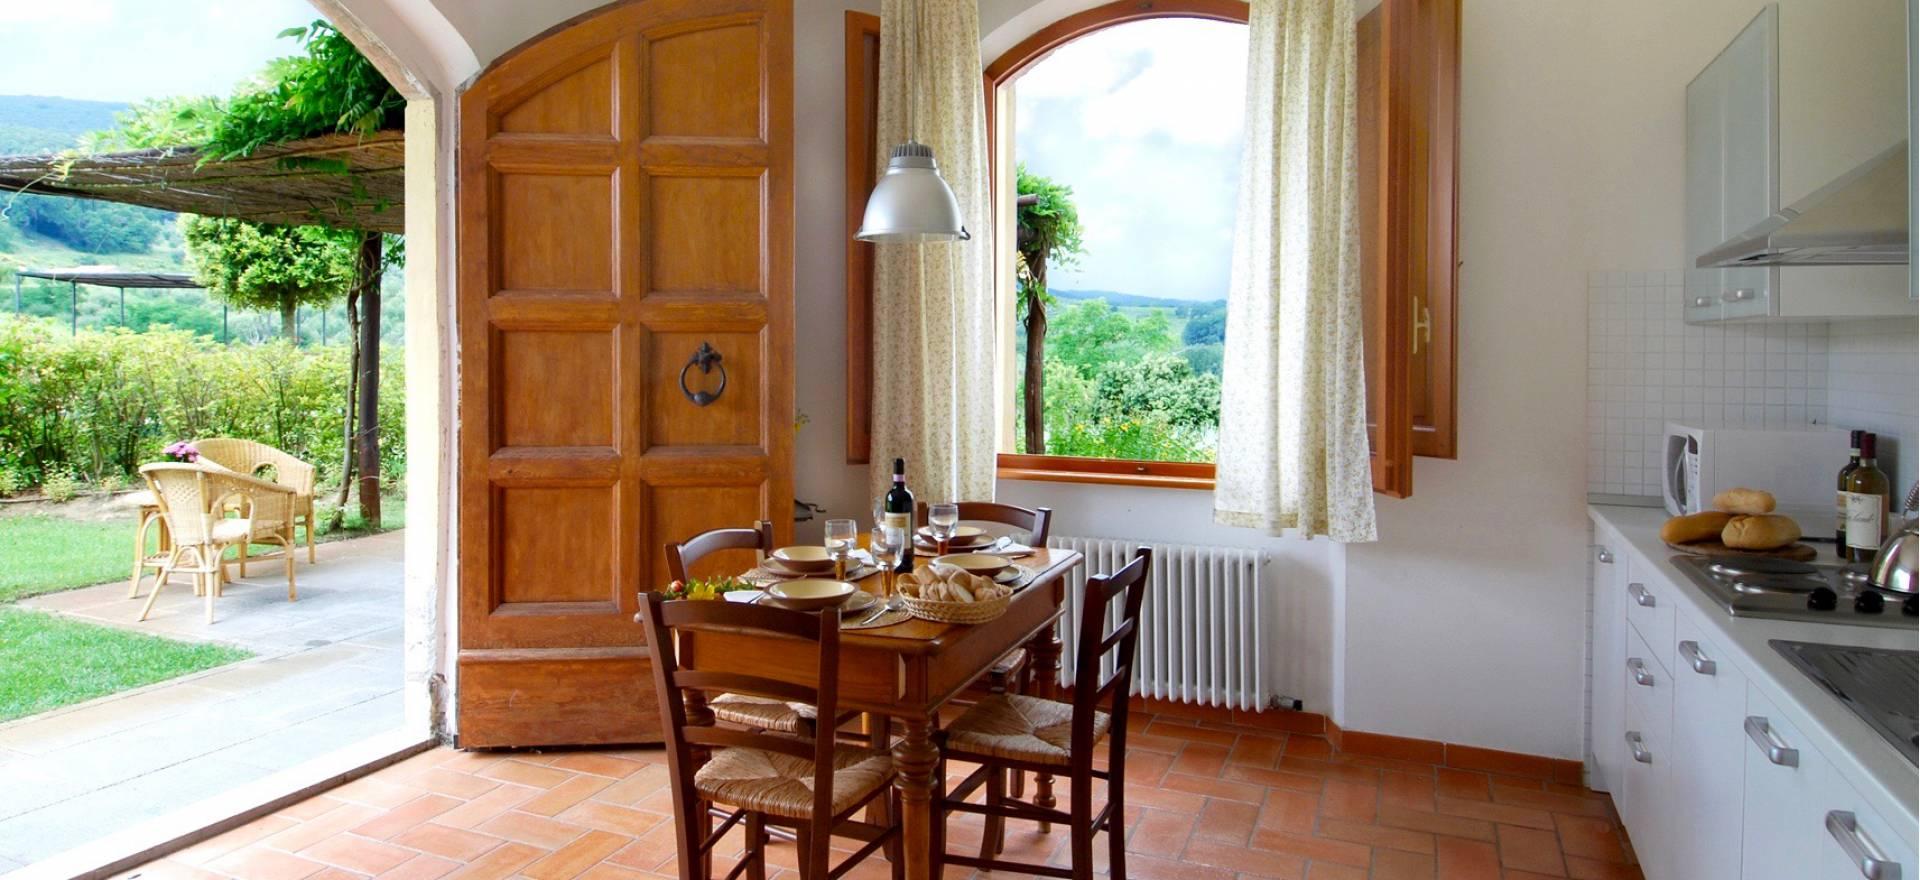 Agriturismo in Toscane met uniek uitzicht op San Gimignano